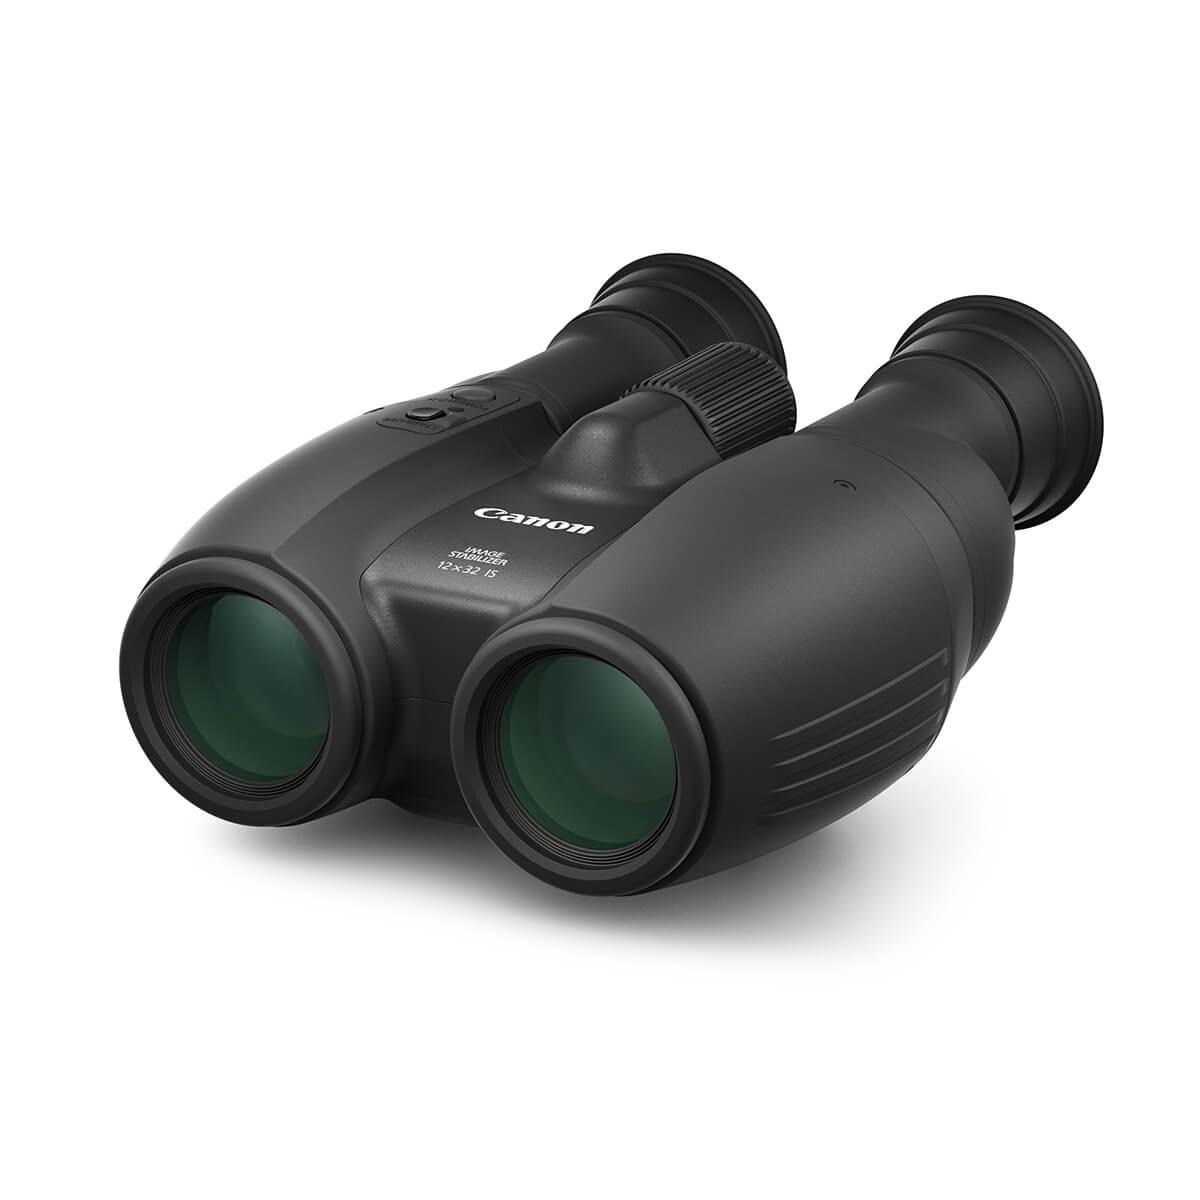 Canon 12x32 binoculars hero image